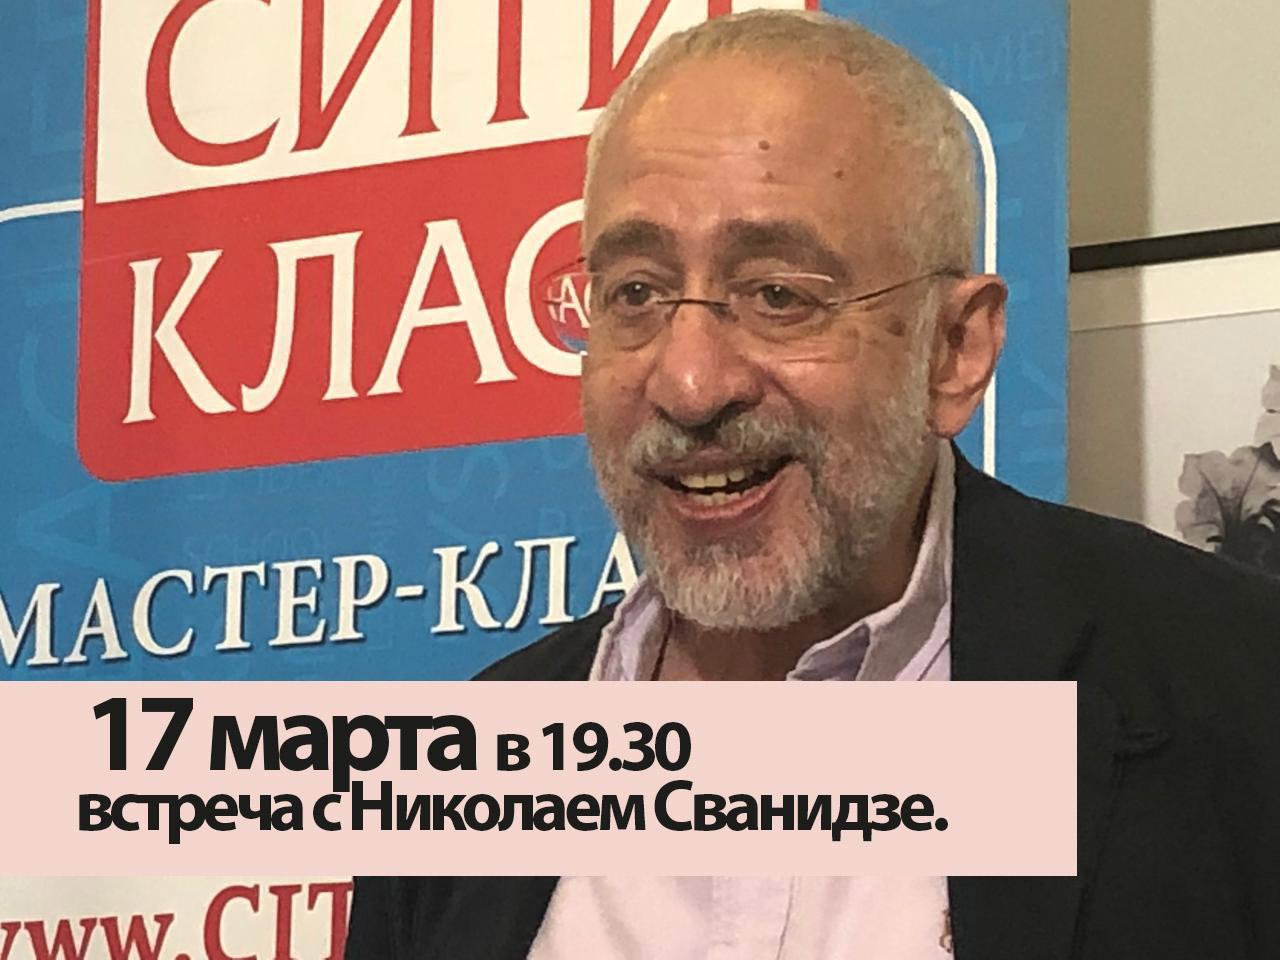 Приглашаем вас 17 Марта в 19.30 историческая встреча с Николаем Сванидзе.